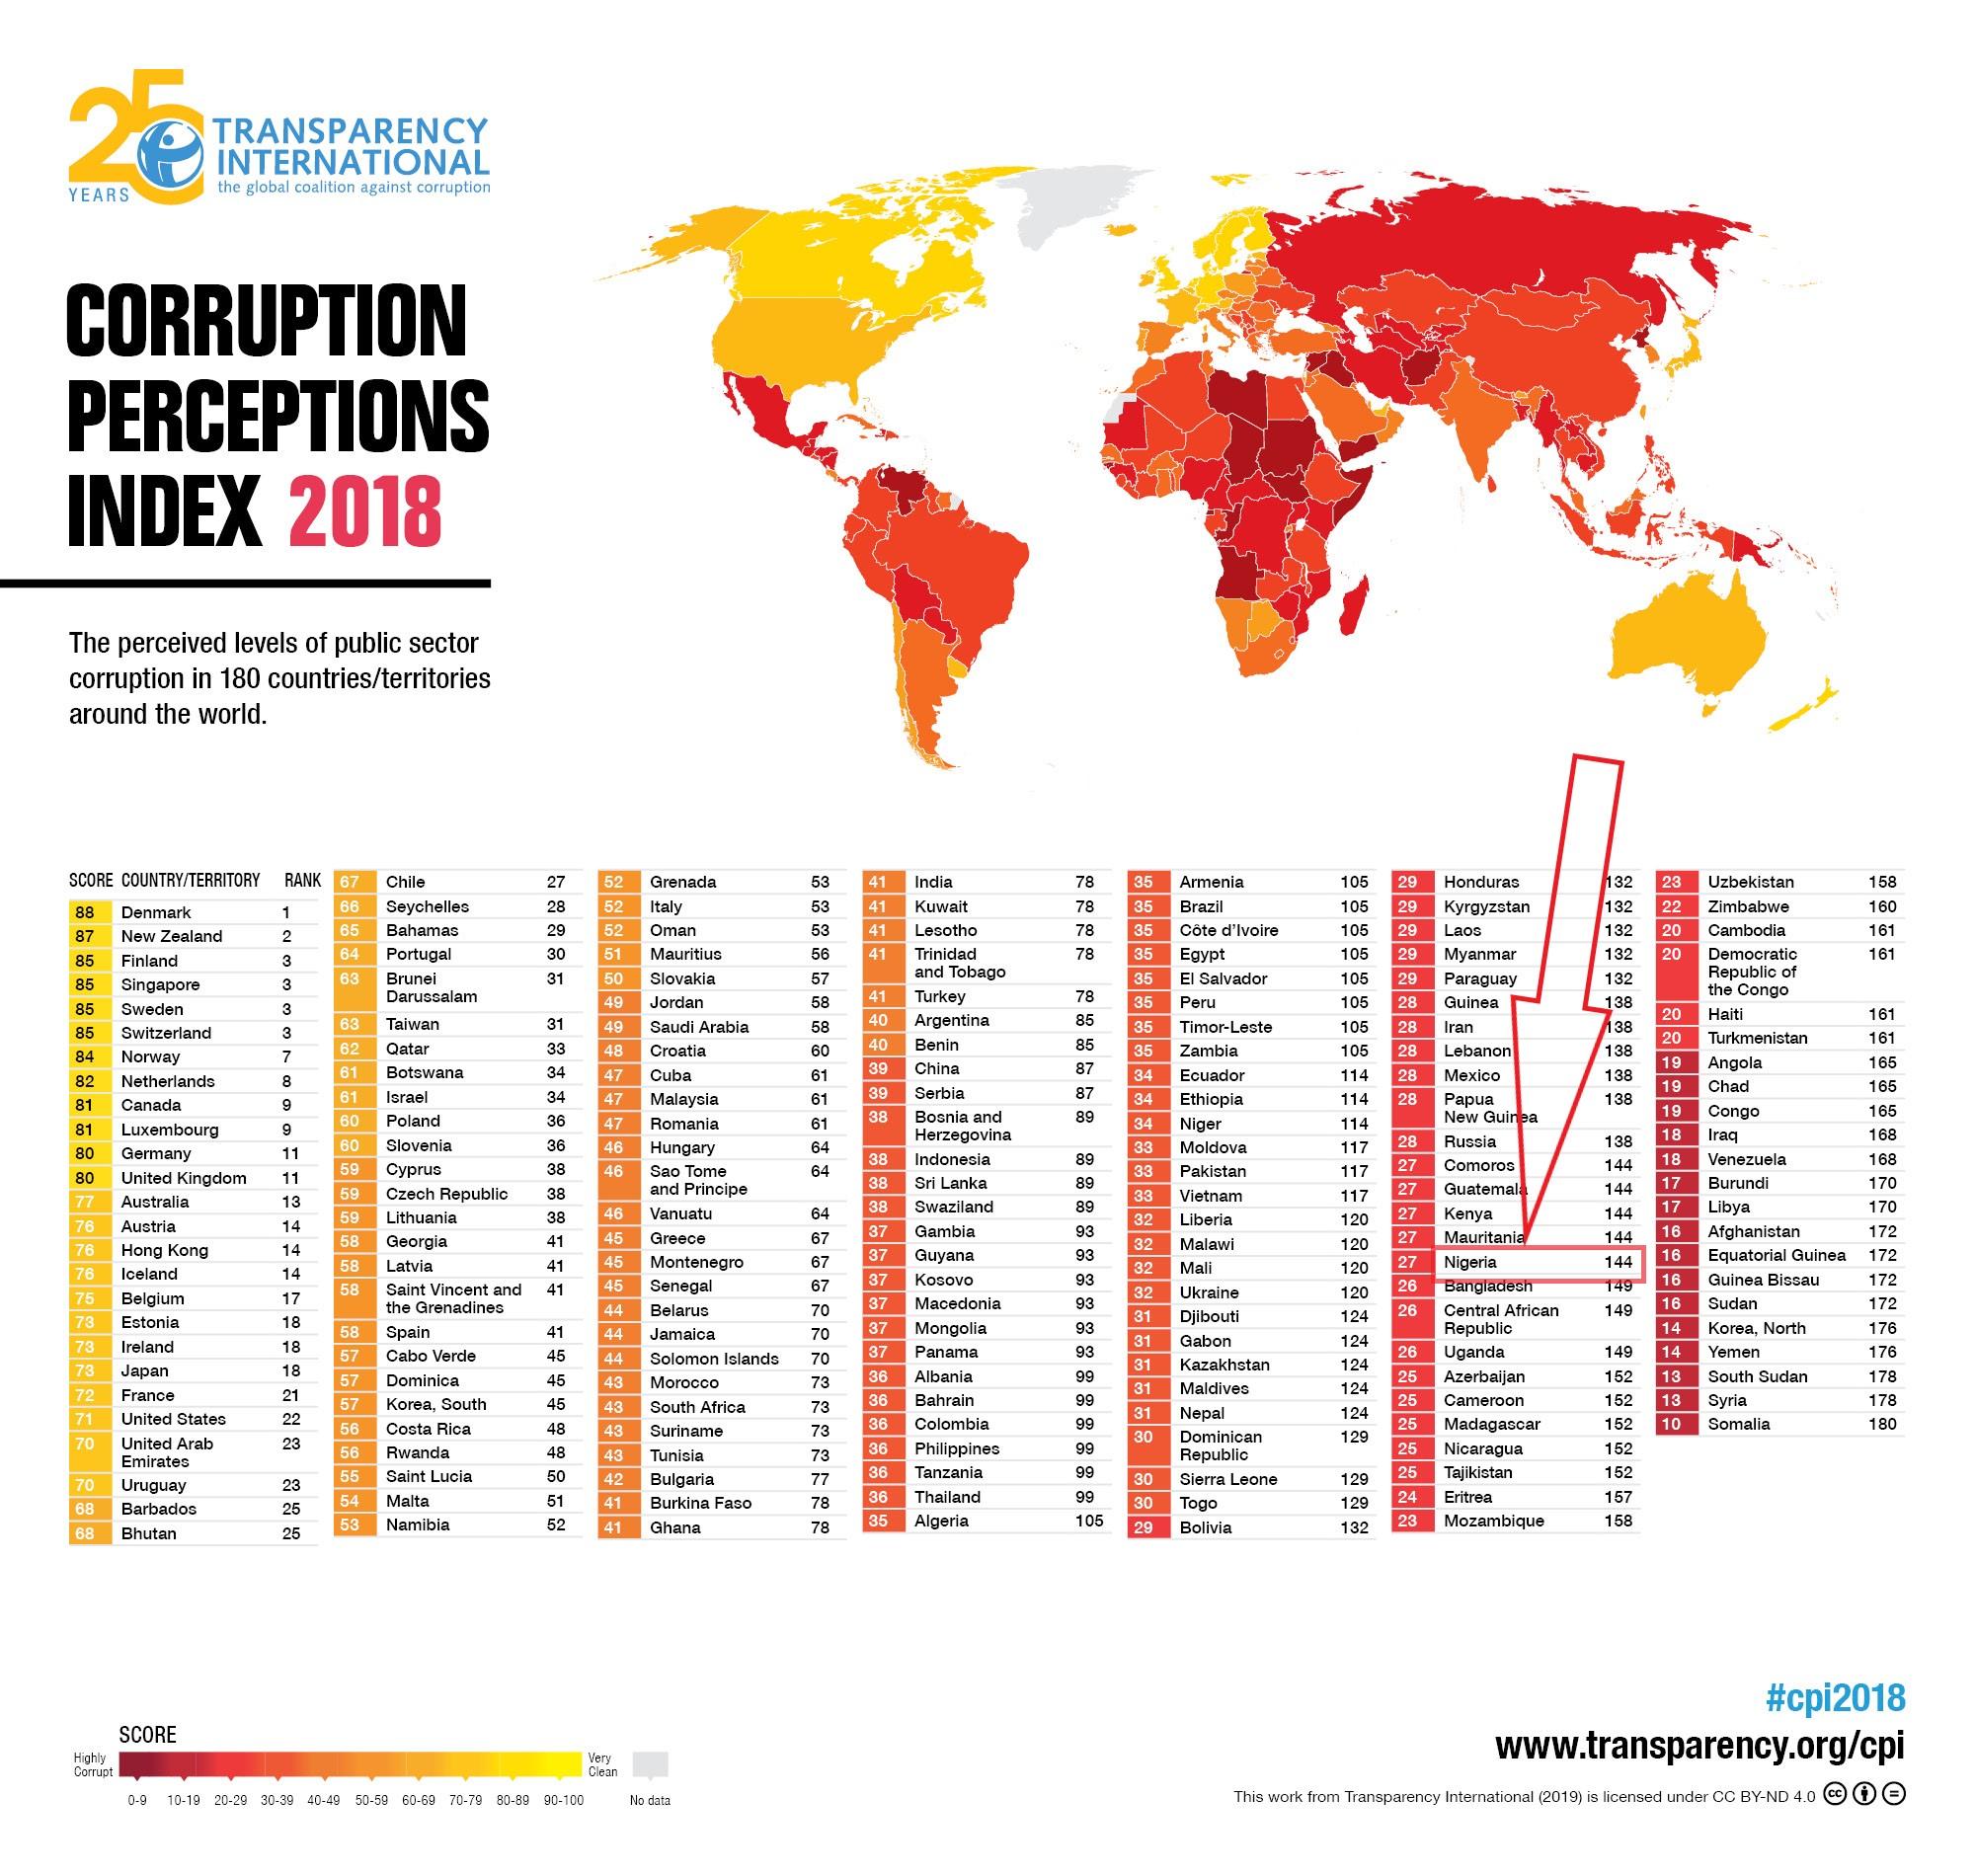 Corruzione nel mondo 2018